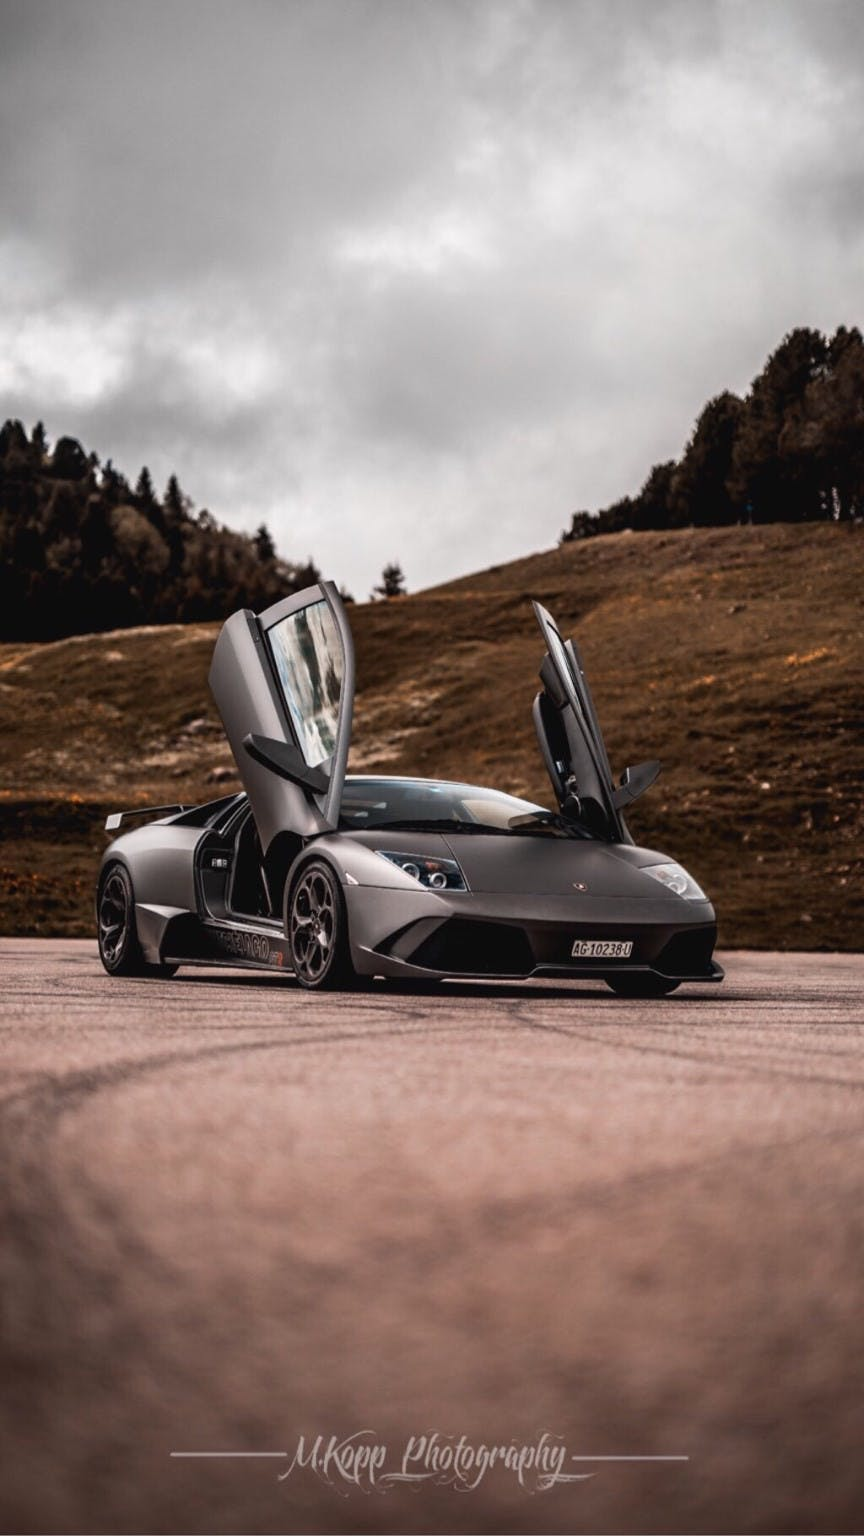 coupe Lamborghini Murciélago 6.2 Coupé